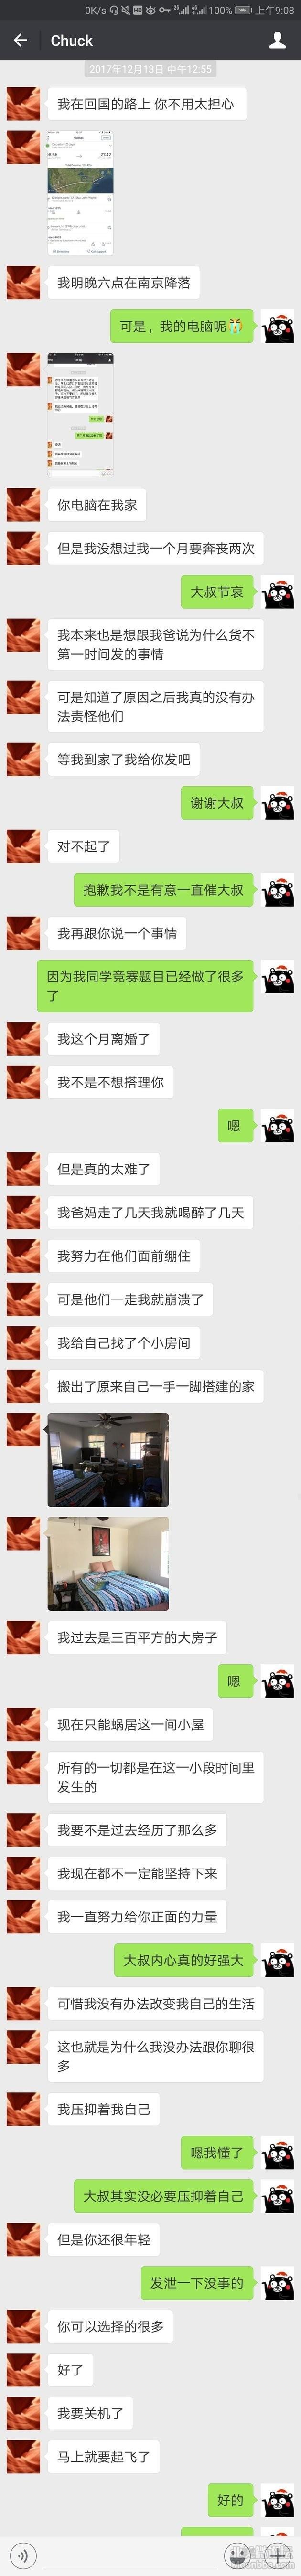 Screenshot_2018-01-12-09-08-16.jpg